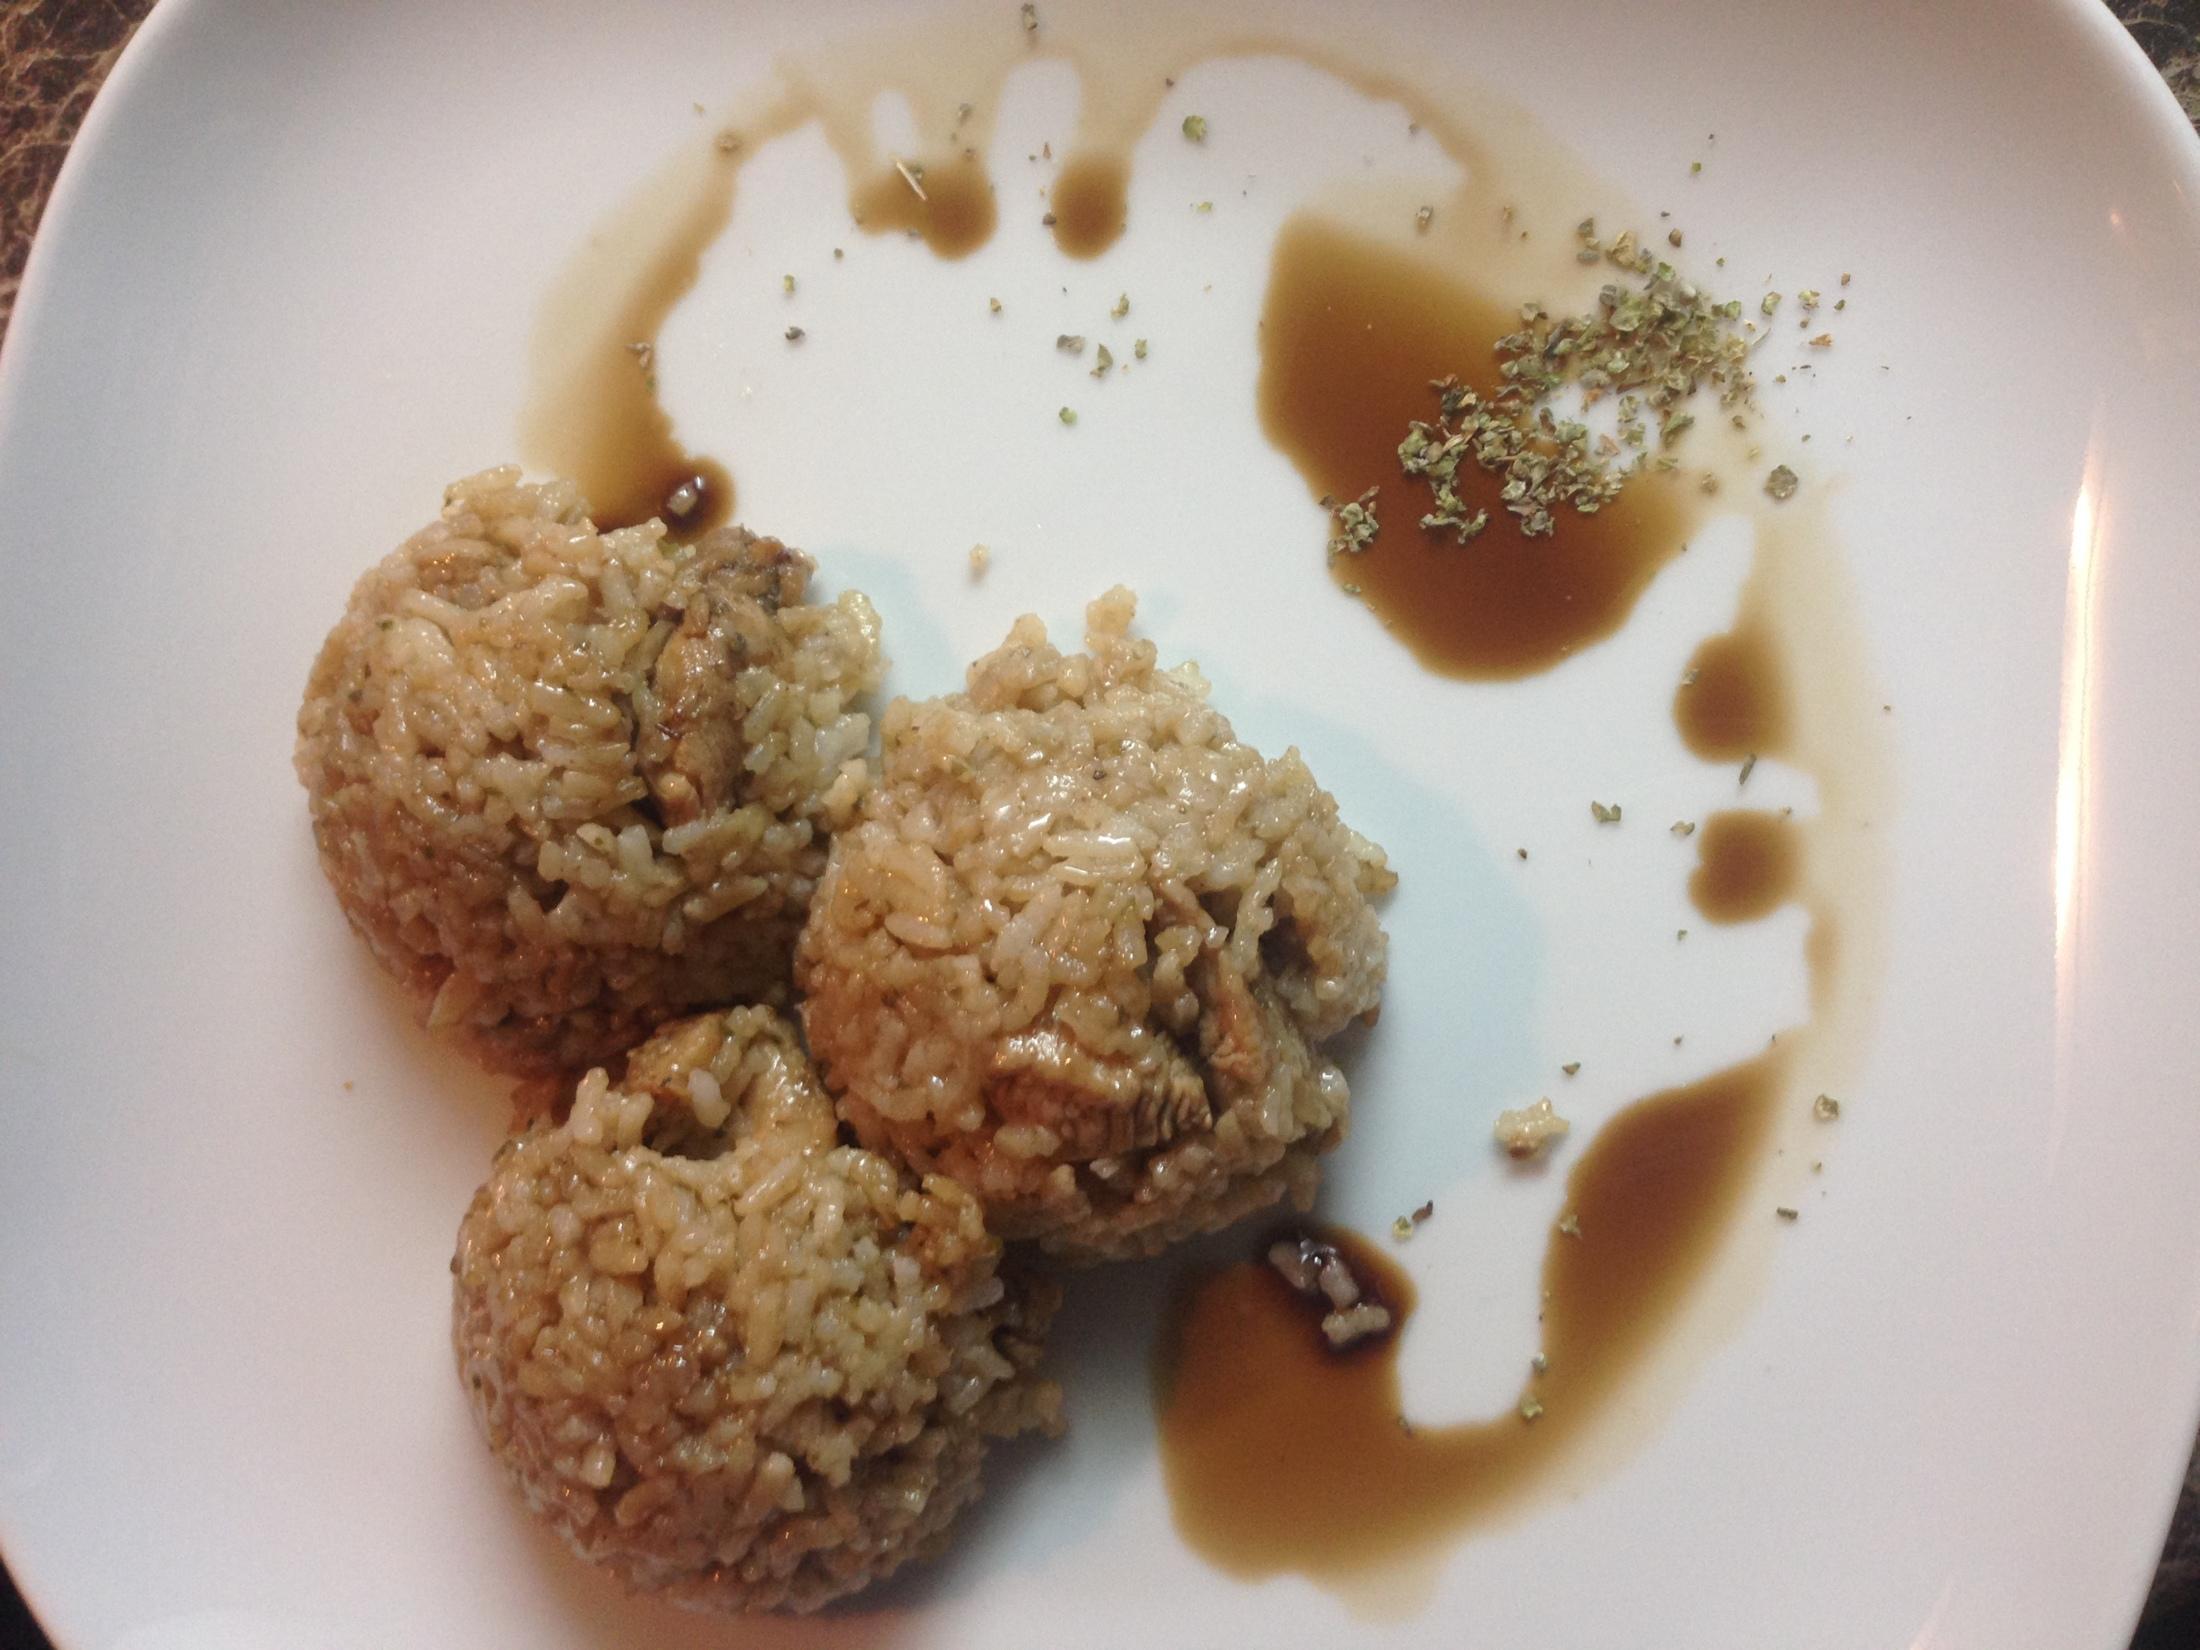 Kuřecí nudličky se sójovou omáčkou a majoránkou